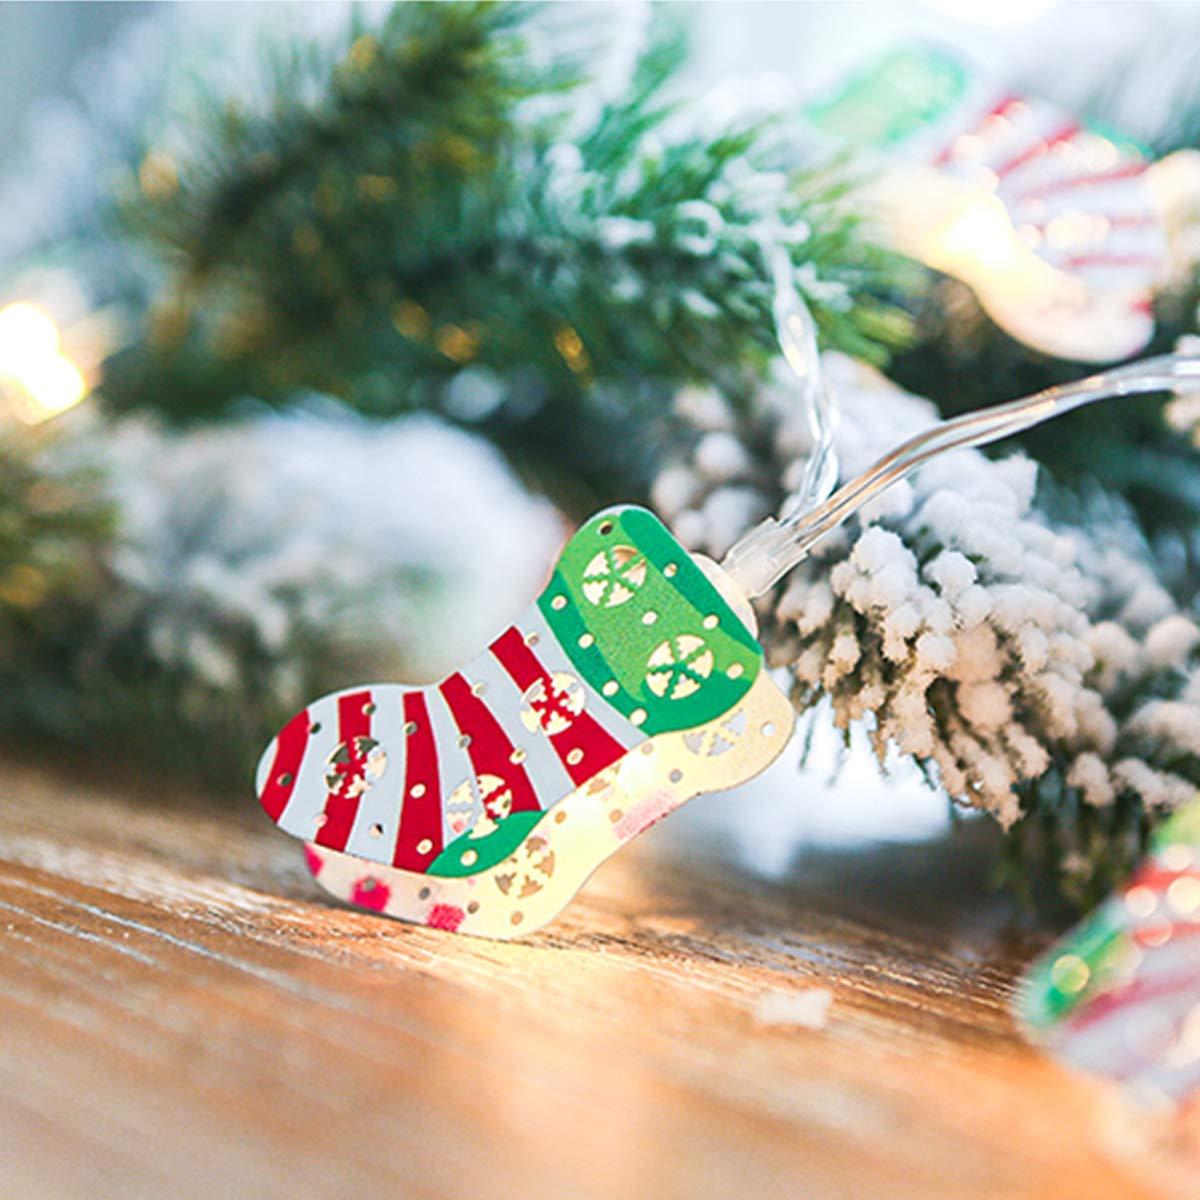 Pertaka Luci della stringa della lanterna del calzino di Natale, Luci a Led per Lanterne in Metallo 3D Mini Sock Lantern Luci a gabbia a batteria Luci di Natale per interni / esterni / cortile  (Colorato, 2M 20Light)